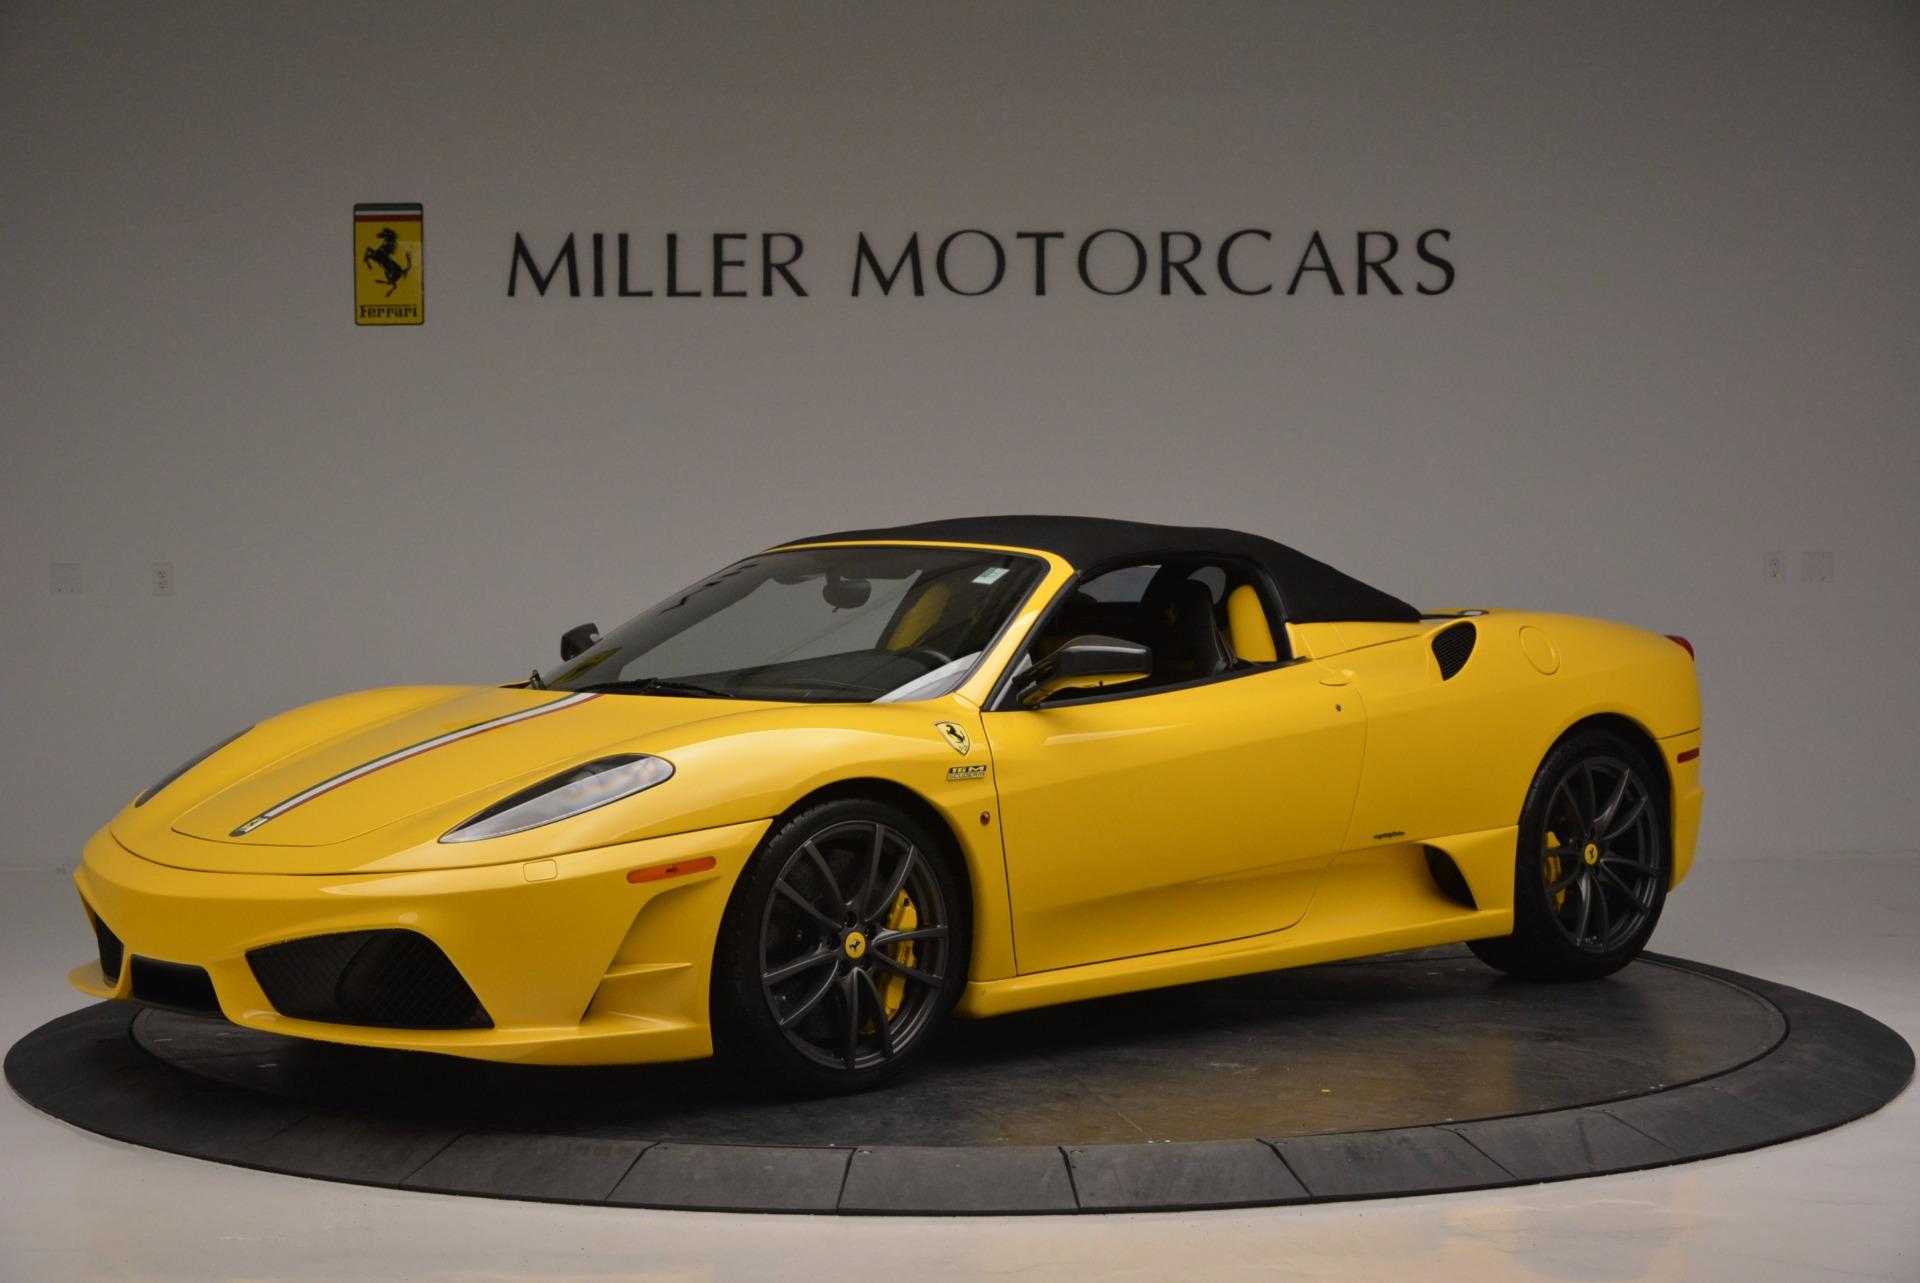 Used 2009 Ferrari F430 Scuderia 16M For Sale In Greenwich, CT. Alfa Romeo of Greenwich, 4369 856_p14